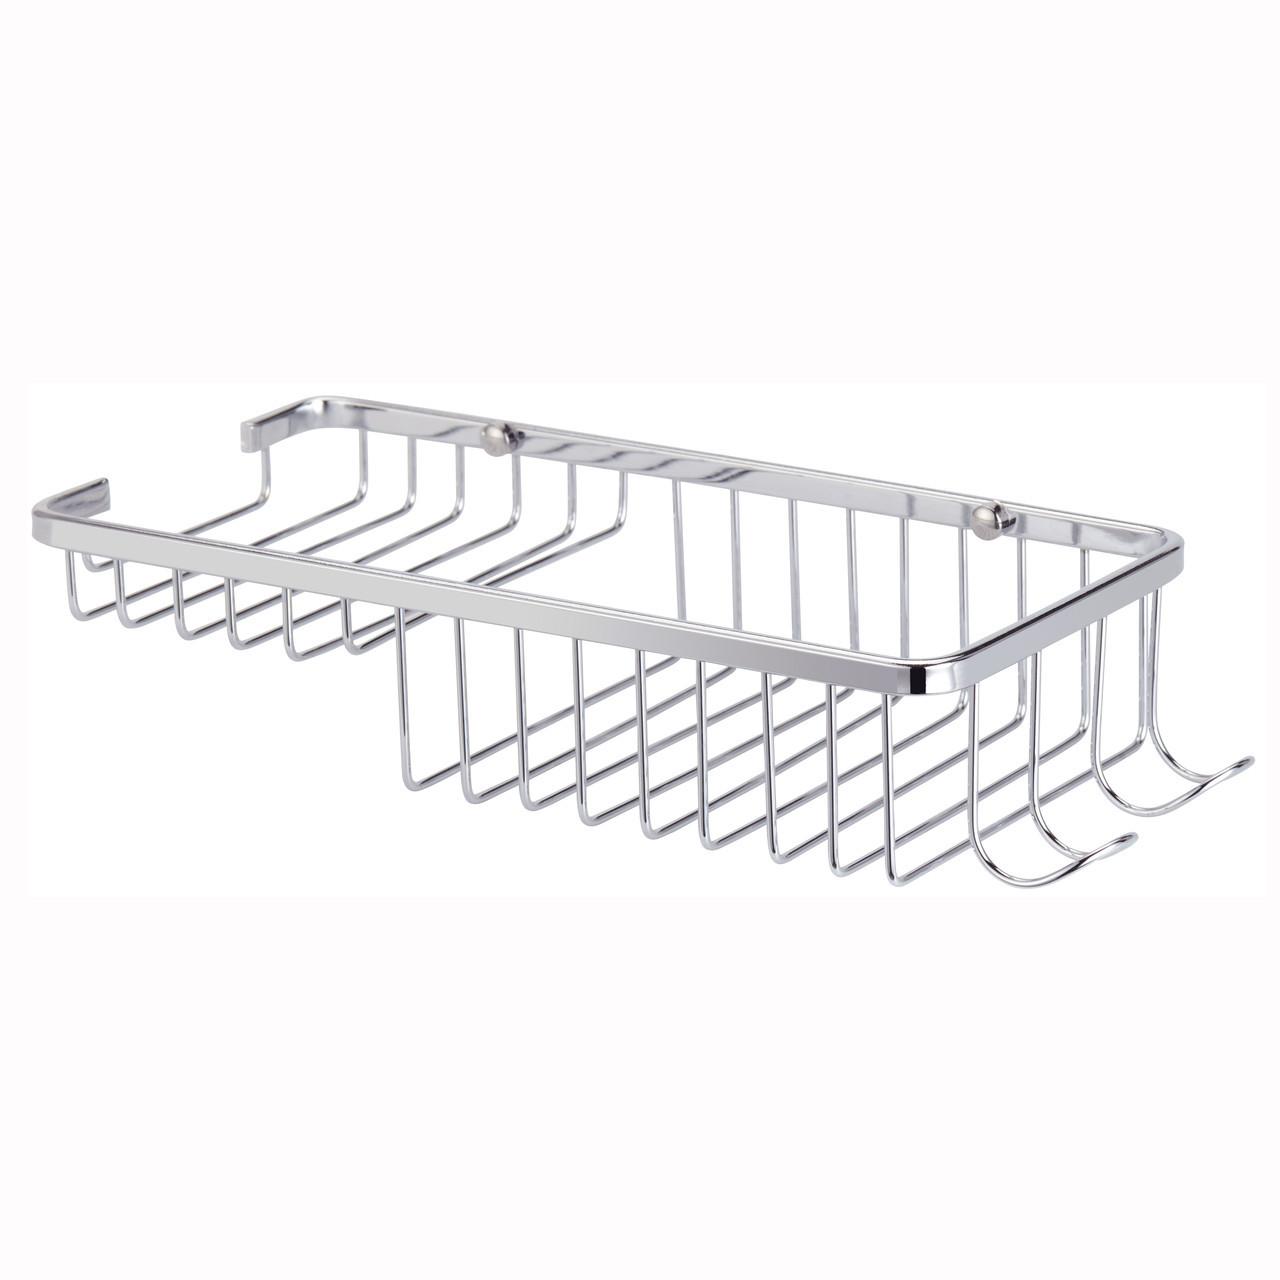 Корзинка для ванной Besser прямоугольная 26.5х11.5х5см с крючками KM-8505